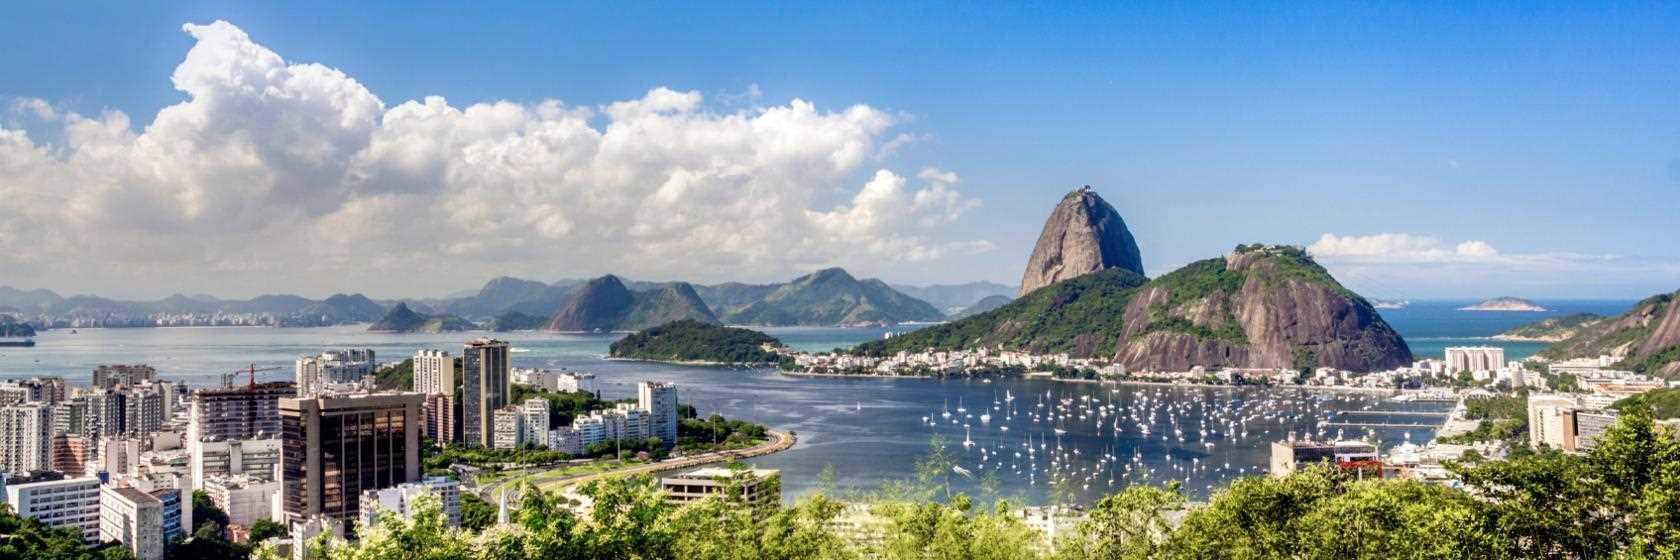 [Hotéis e Pousadas em Rio de Janeiro RJ]